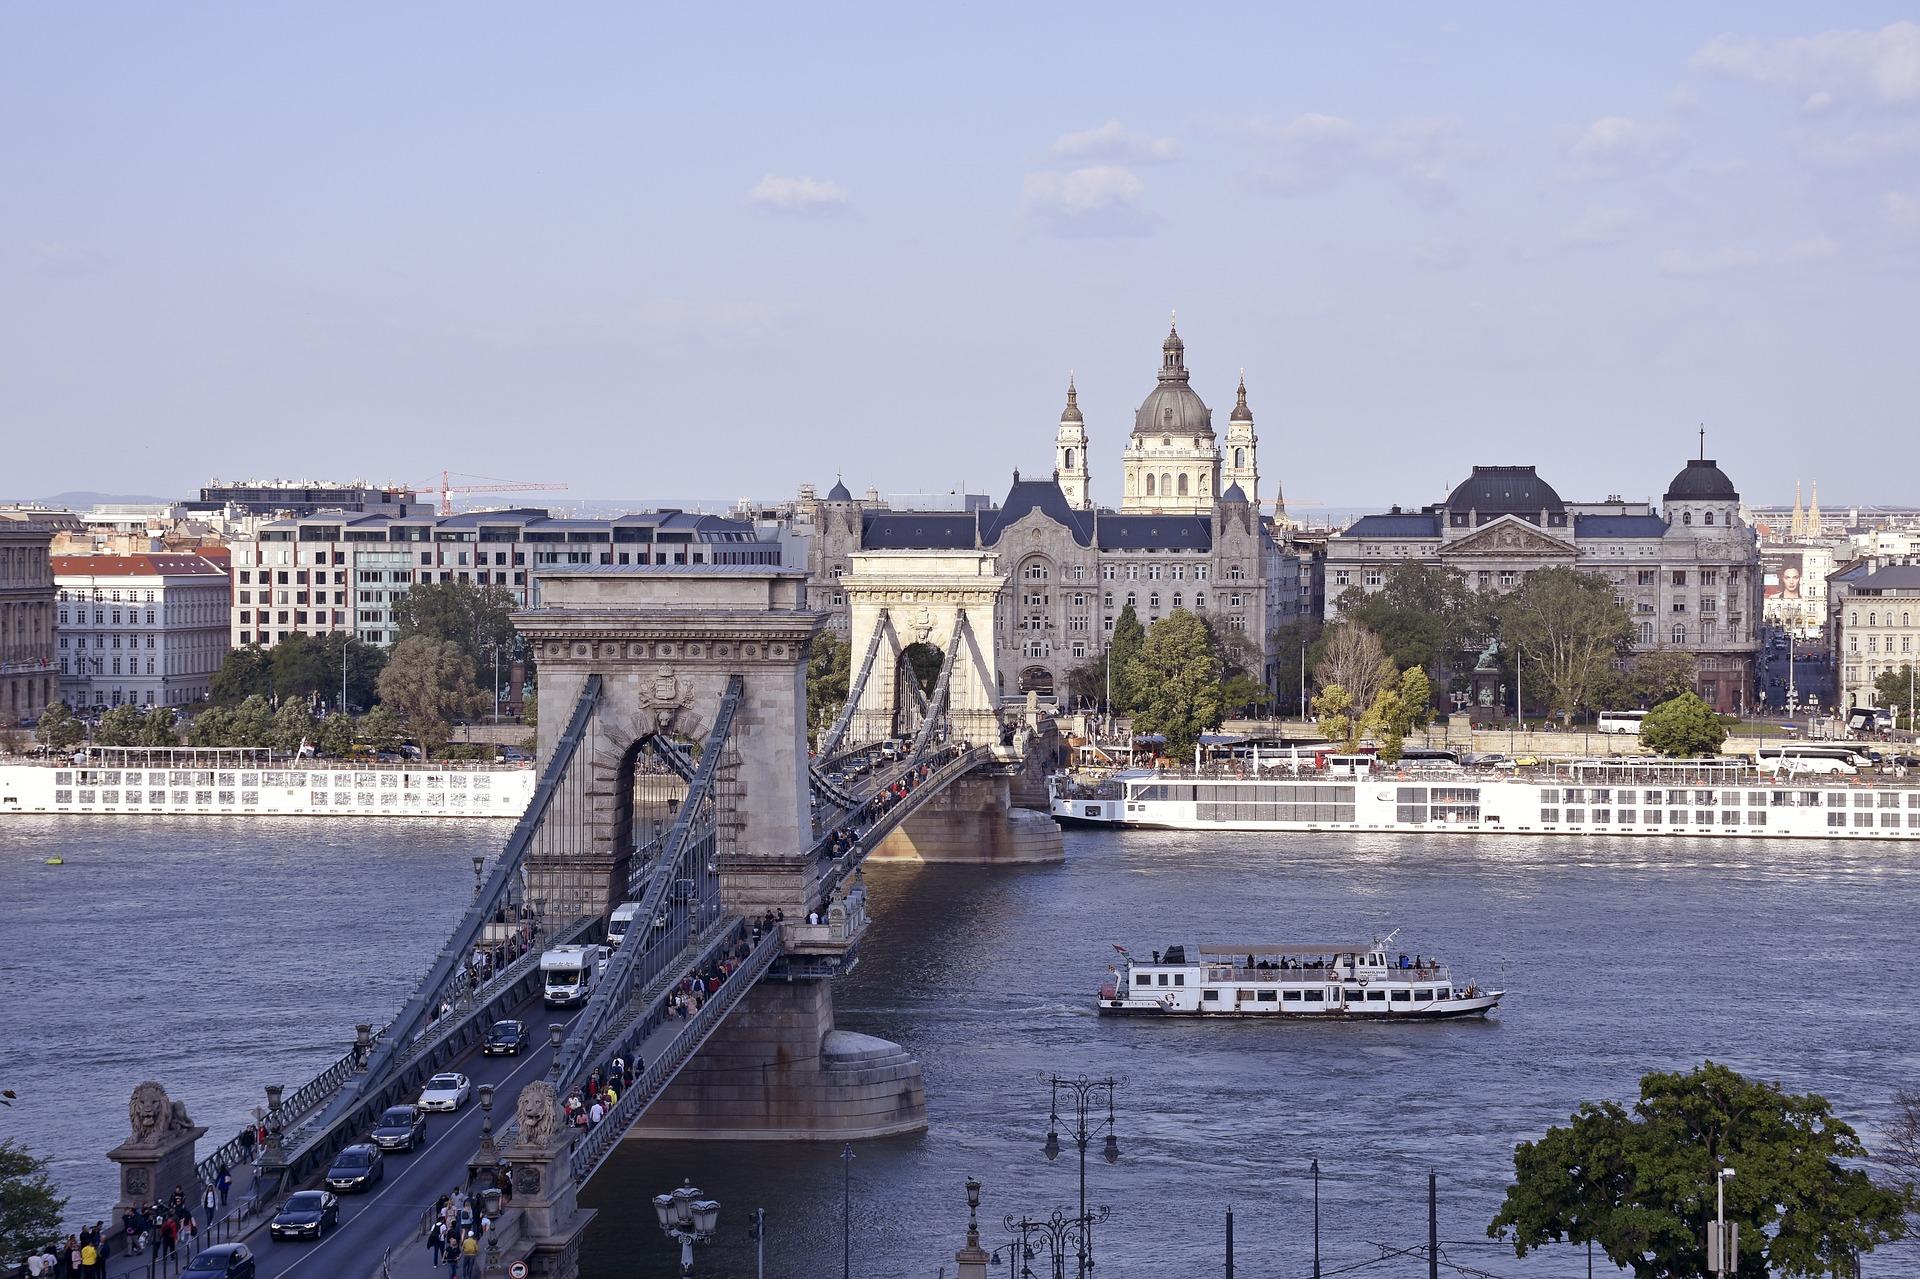 Entlastung des Verkehrs durch Schiffslinie nach Sperrung der Budapester Kettenbrücke